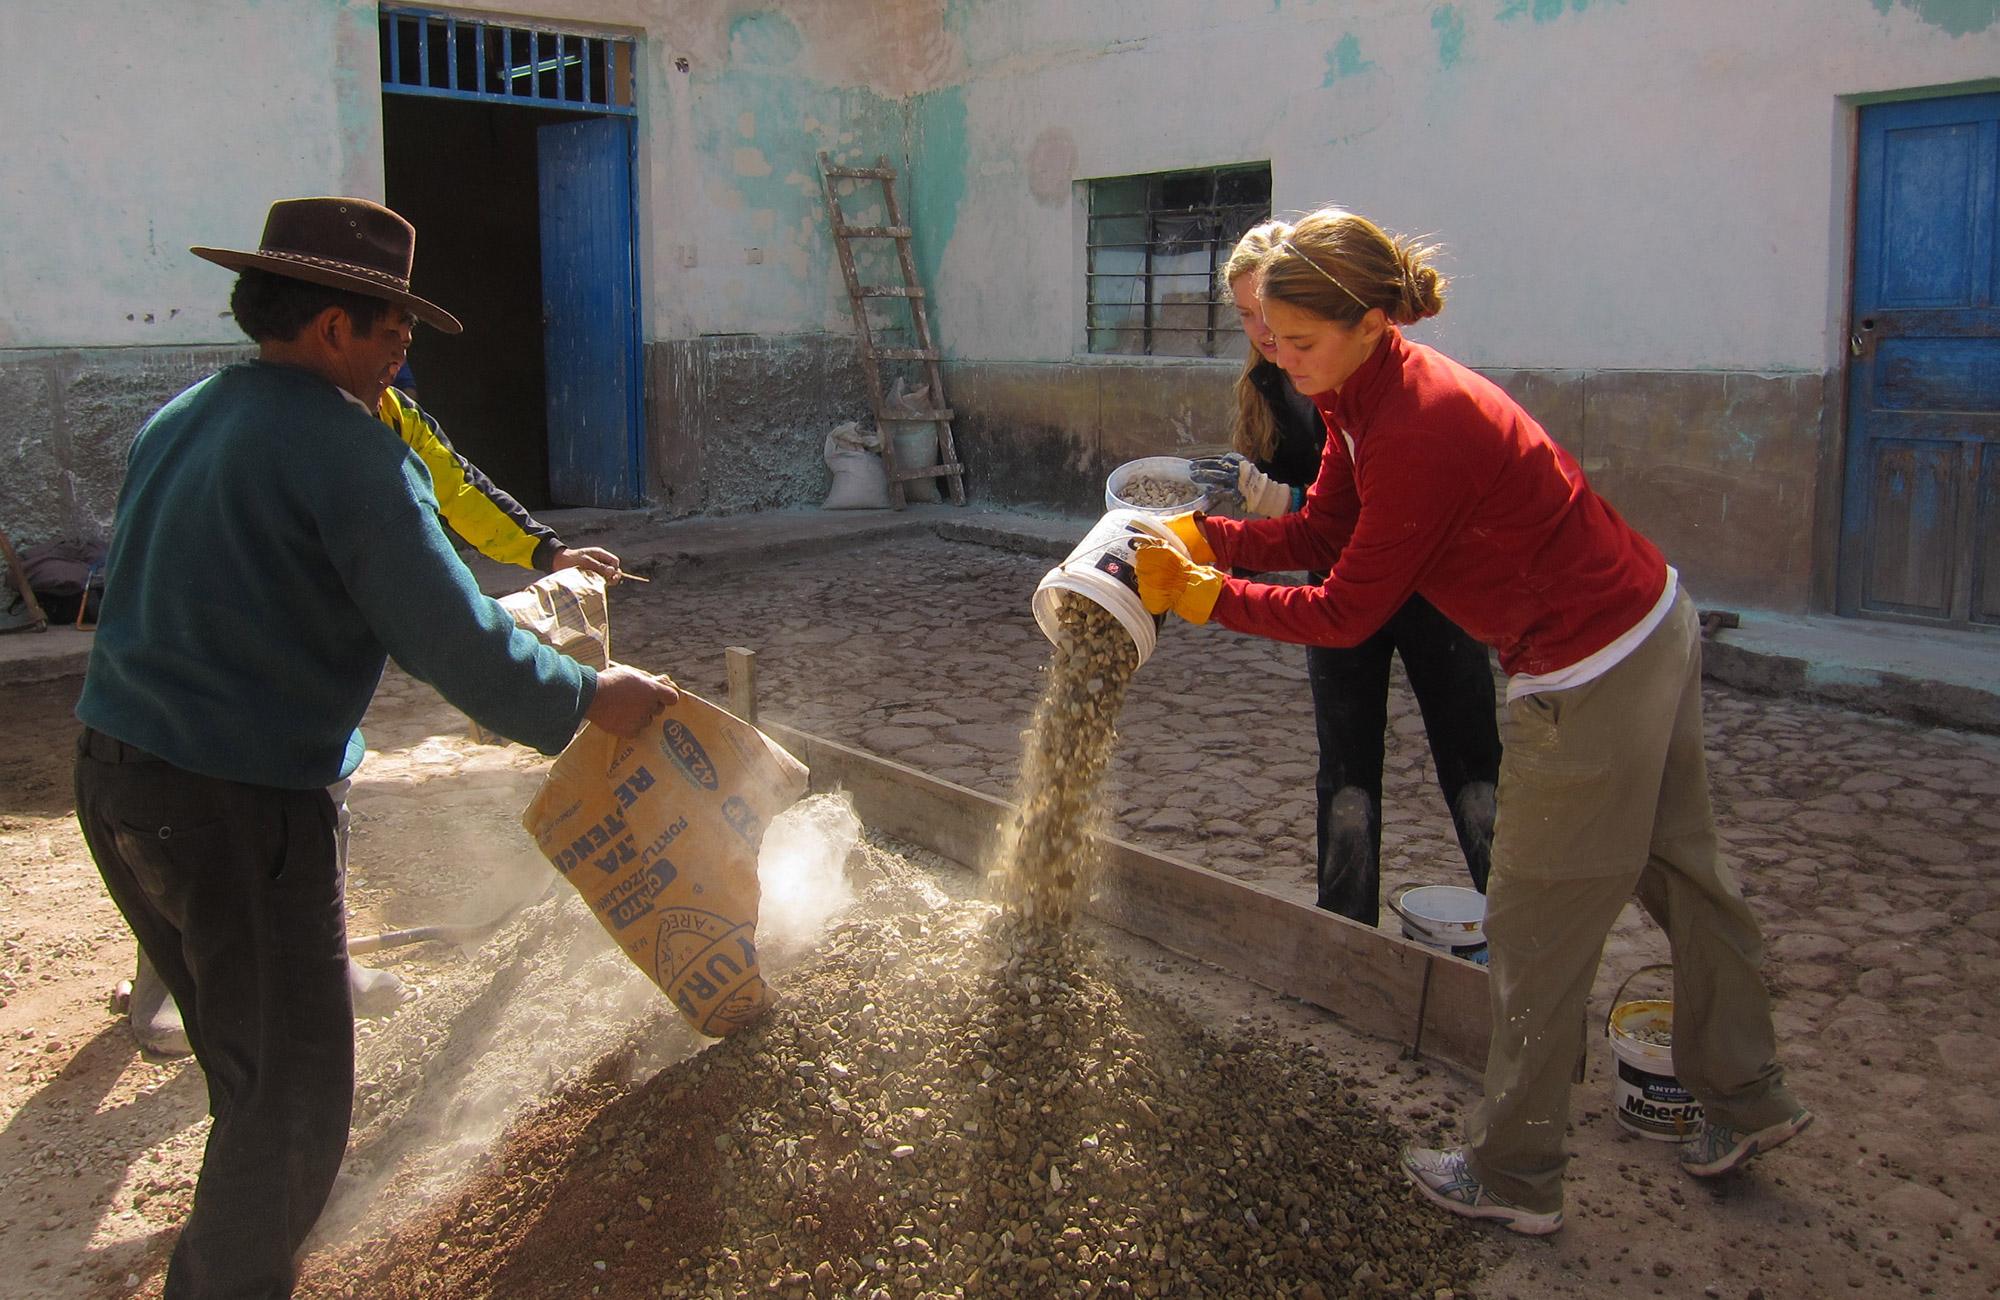 community service trip for teens in peru